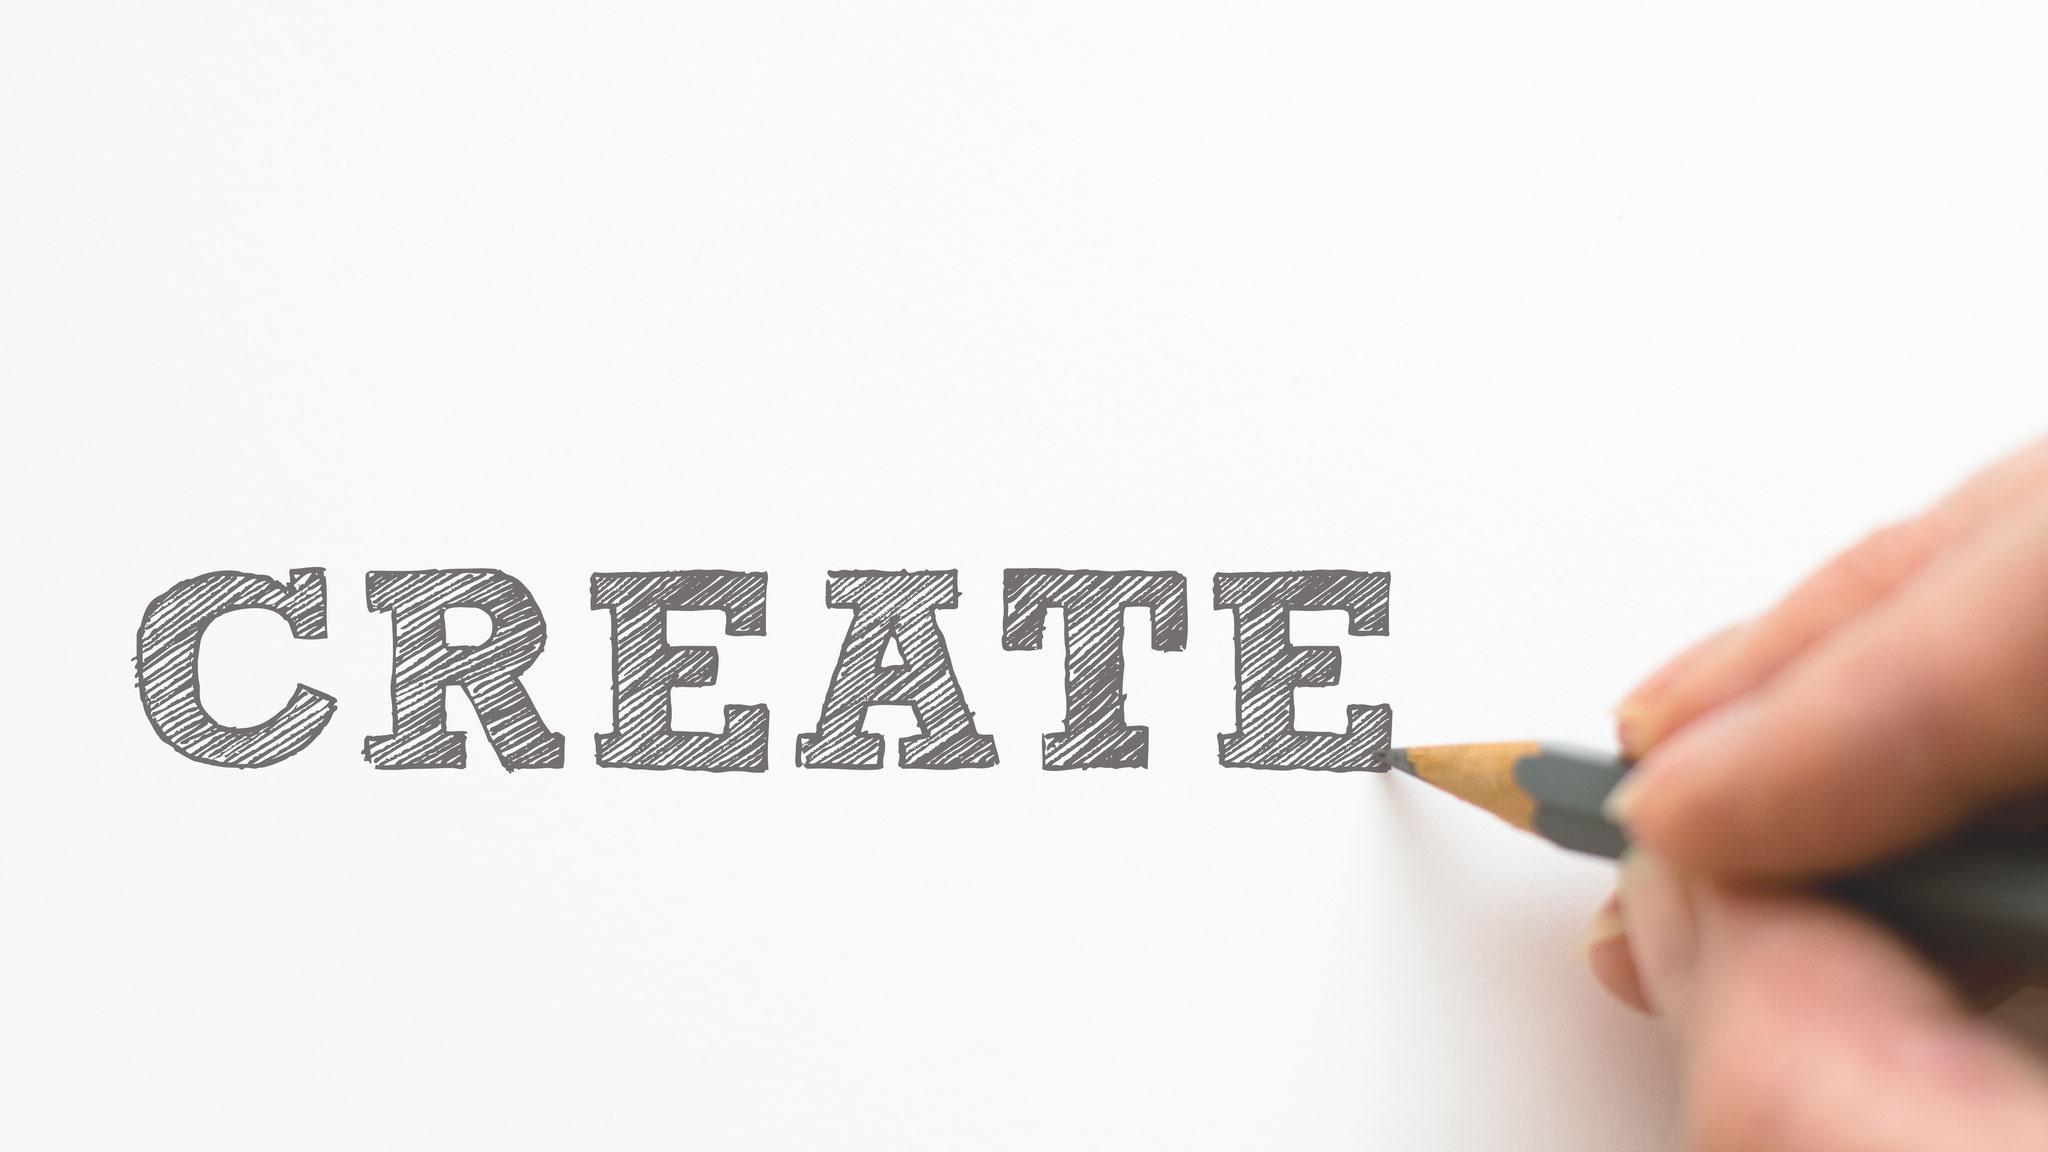 Werbeagentur & Grafik Agentur - Wir setzen Sie in Szene und kreieren neue Logos, Broschüren, Flyer, Newsletter, Banner, Plakate etc.